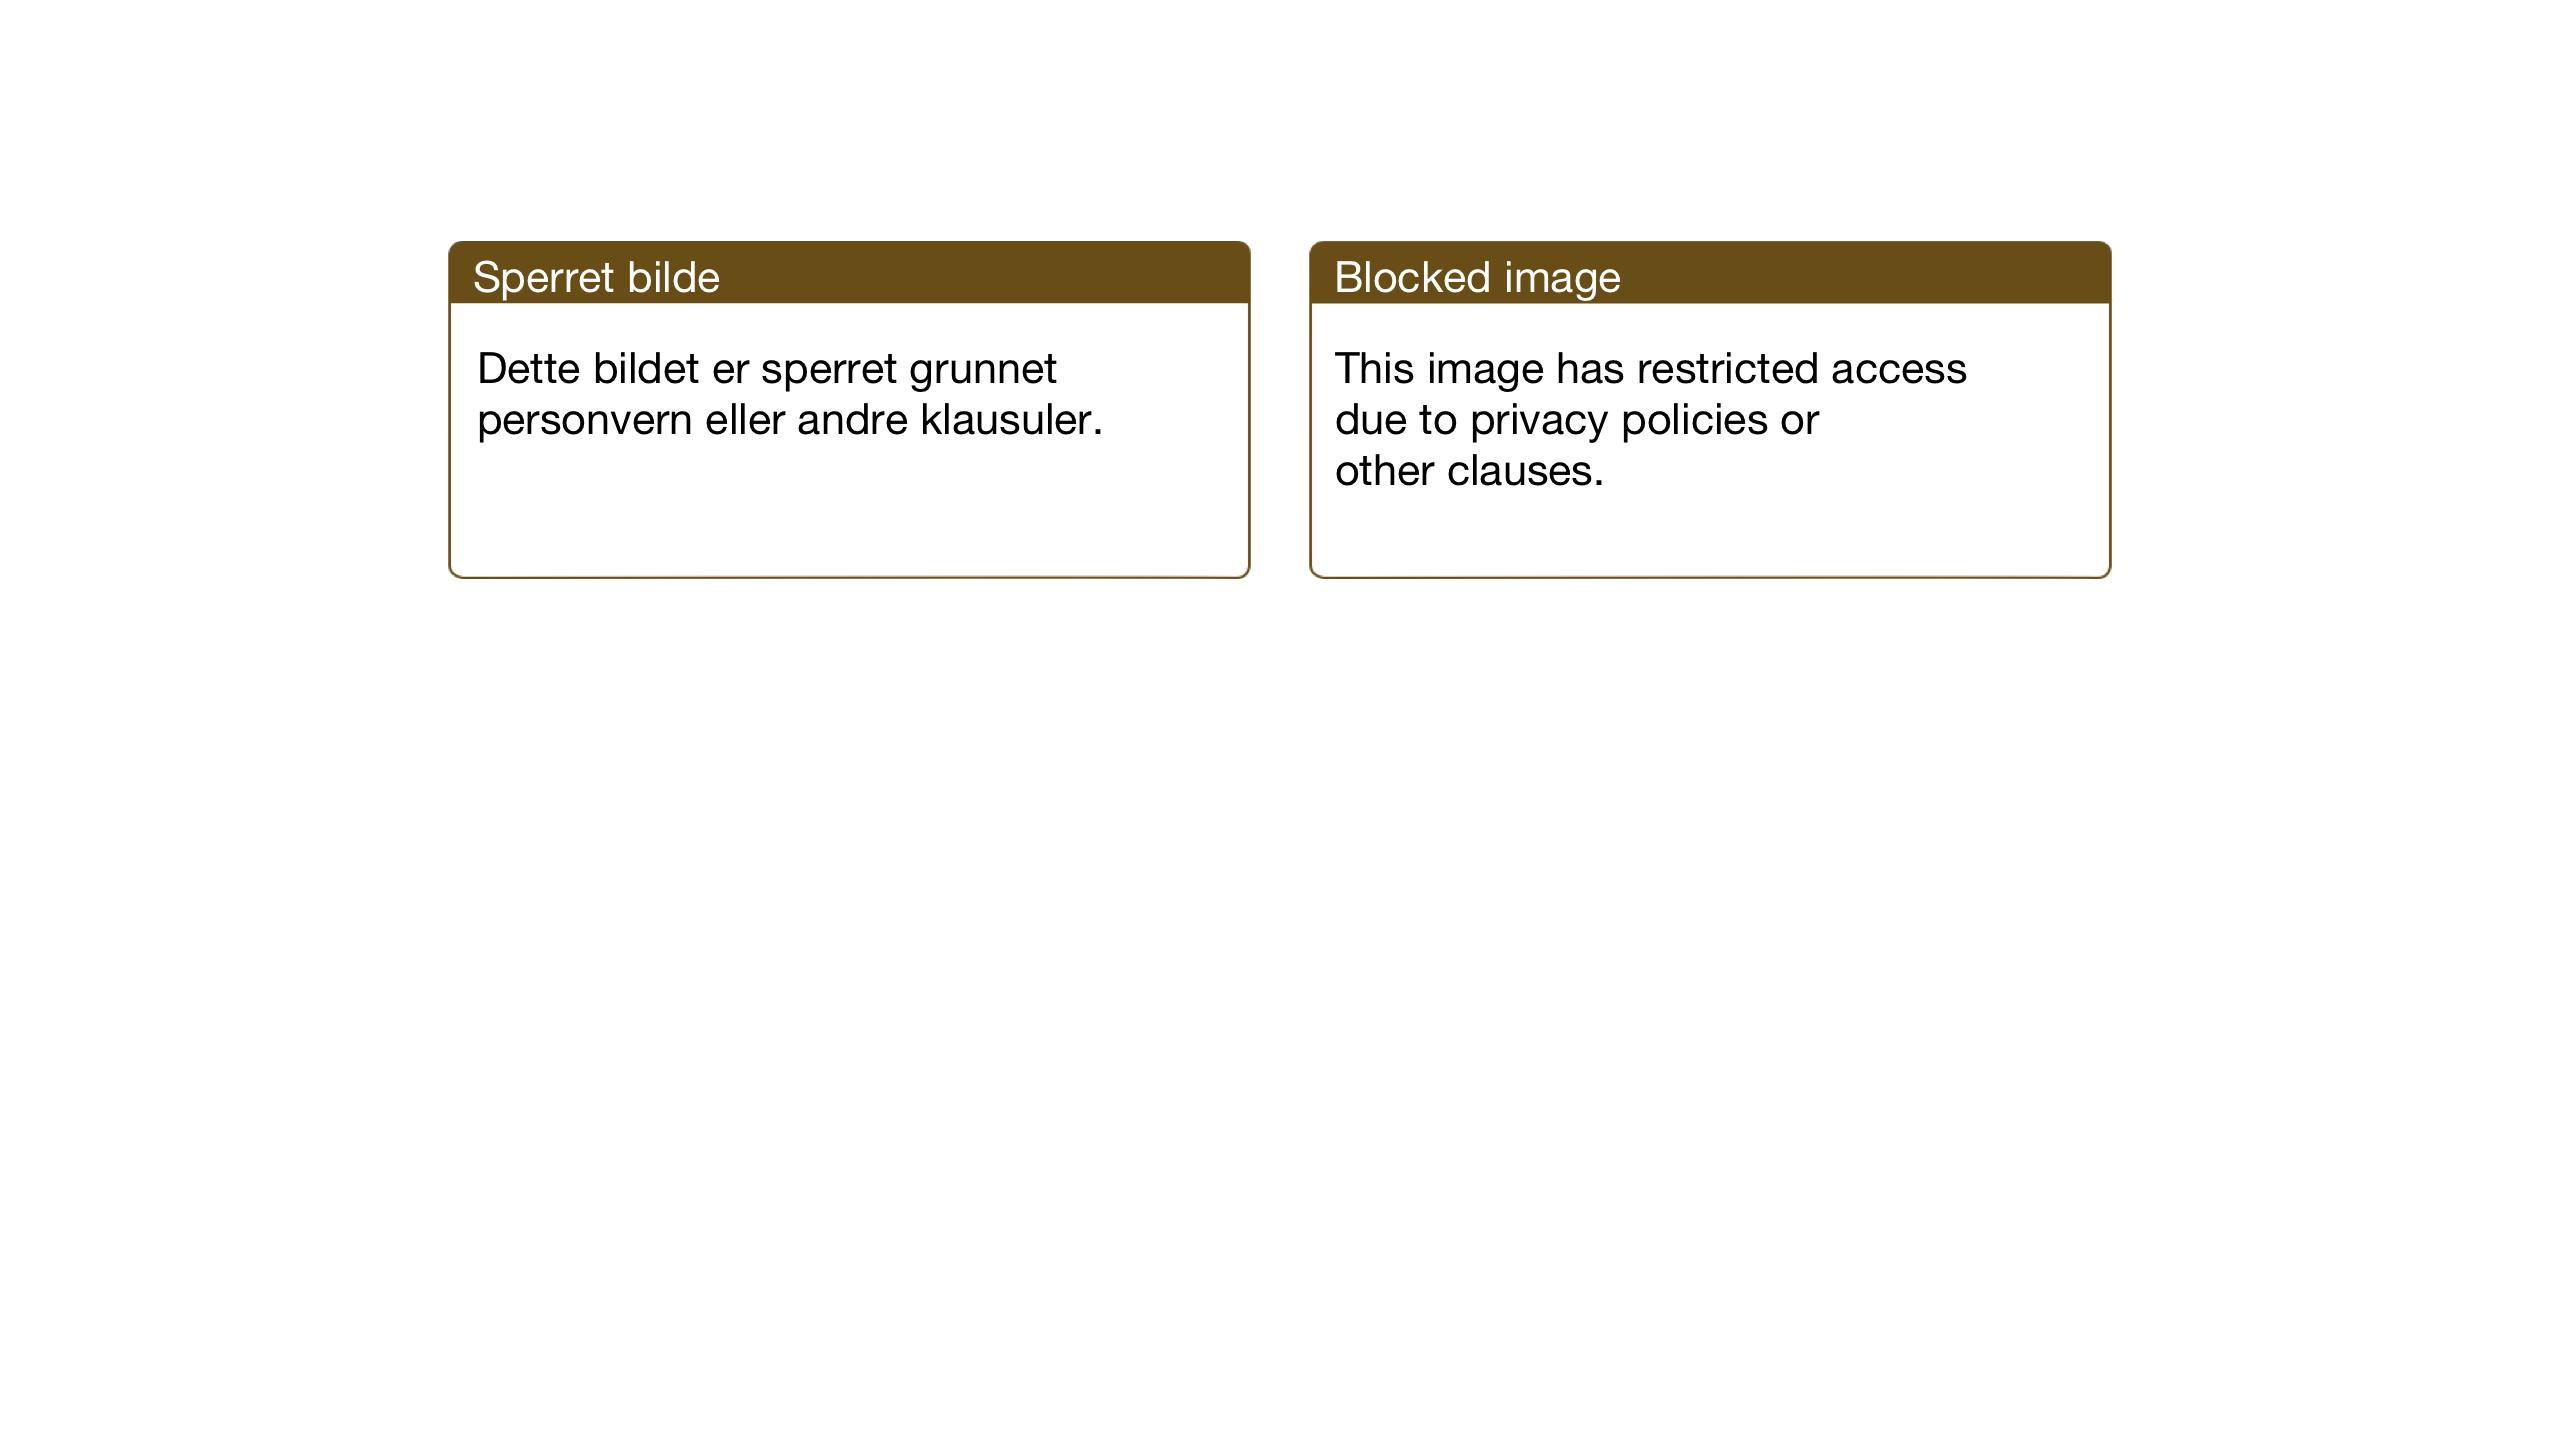 SAT, Ministerialprotokoller, klokkerbøker og fødselsregistre - Sør-Trøndelag, 611/L0356: Klokkerbok nr. 611C04, 1914-1938, s. 75